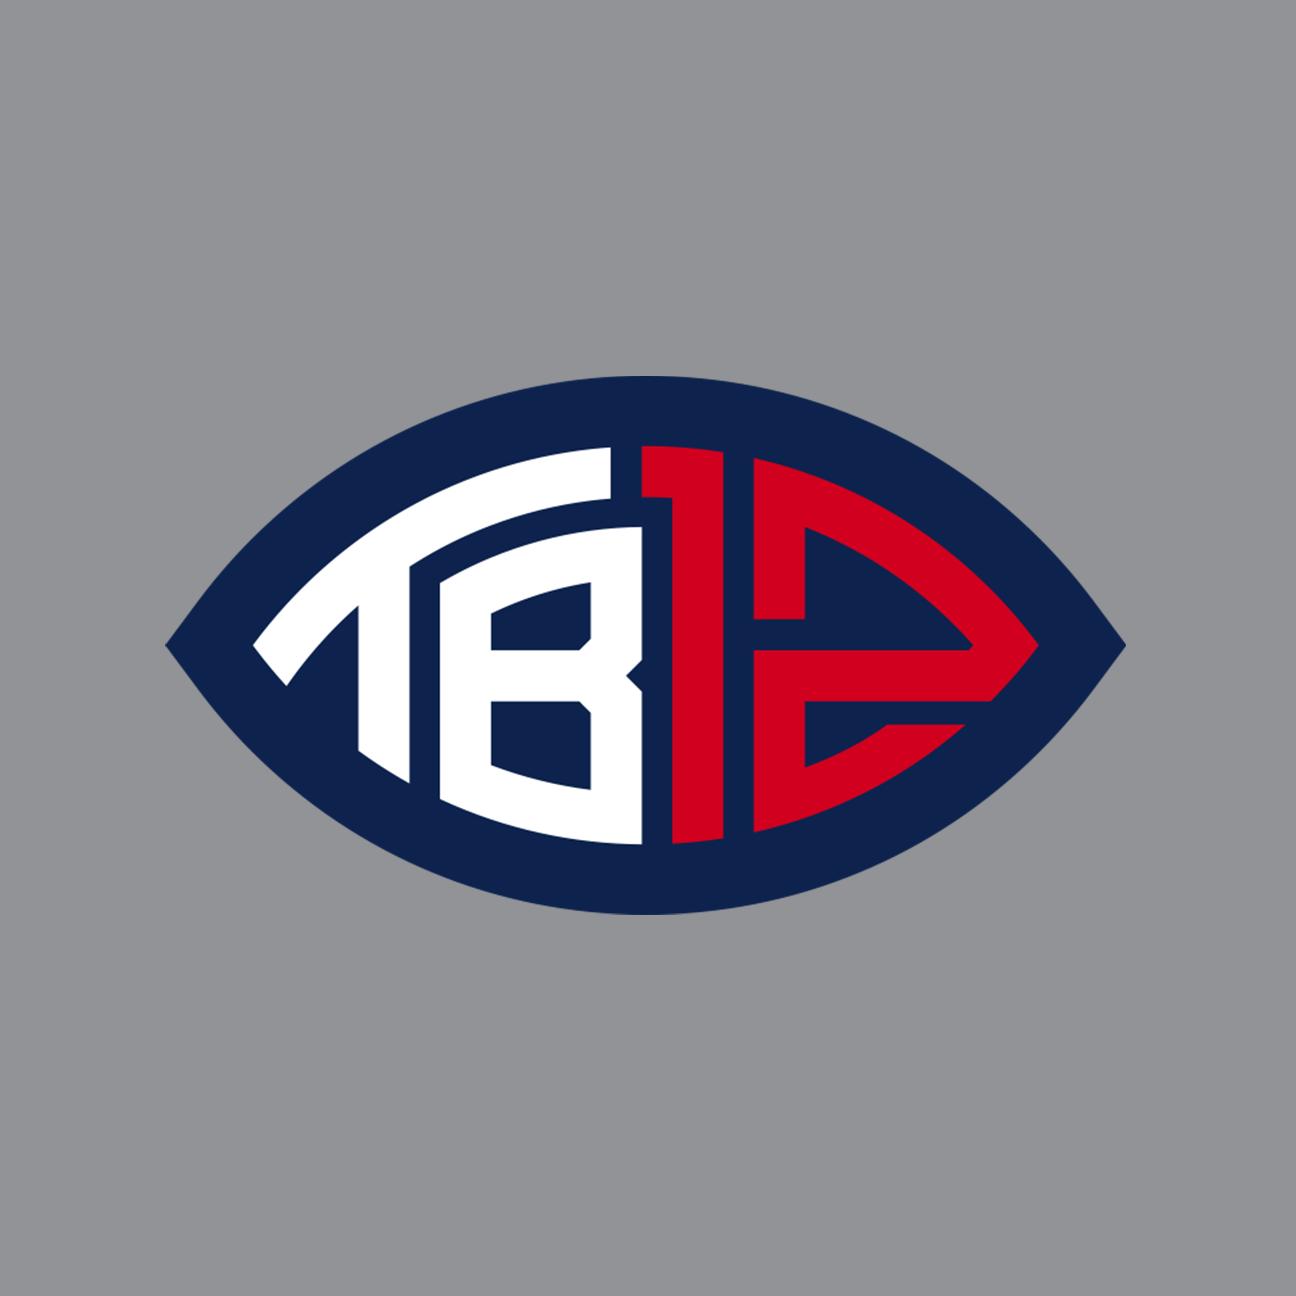 ESPN cria logo para Brady